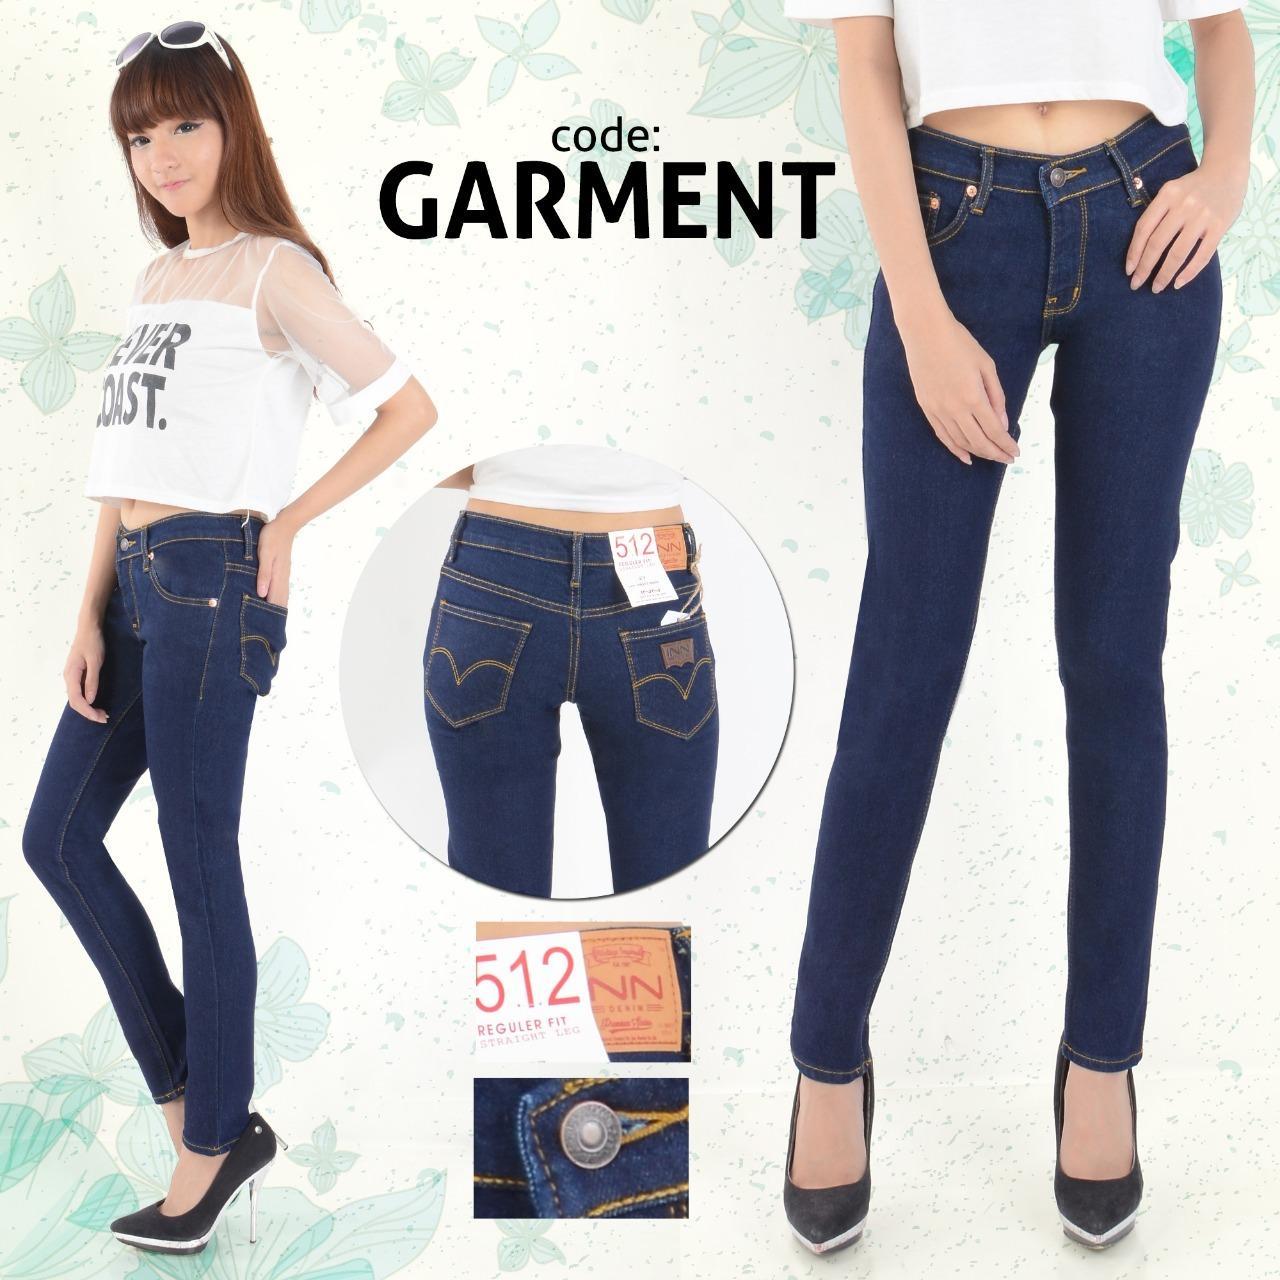 Spesifikasi Nusantara Jeans Celana Panjang Wanita Model Skinny Berbahan Soft Jeans Ripped Resleting Kuat Jahitan Rapi Murah Biru Dongker Paling Bagus